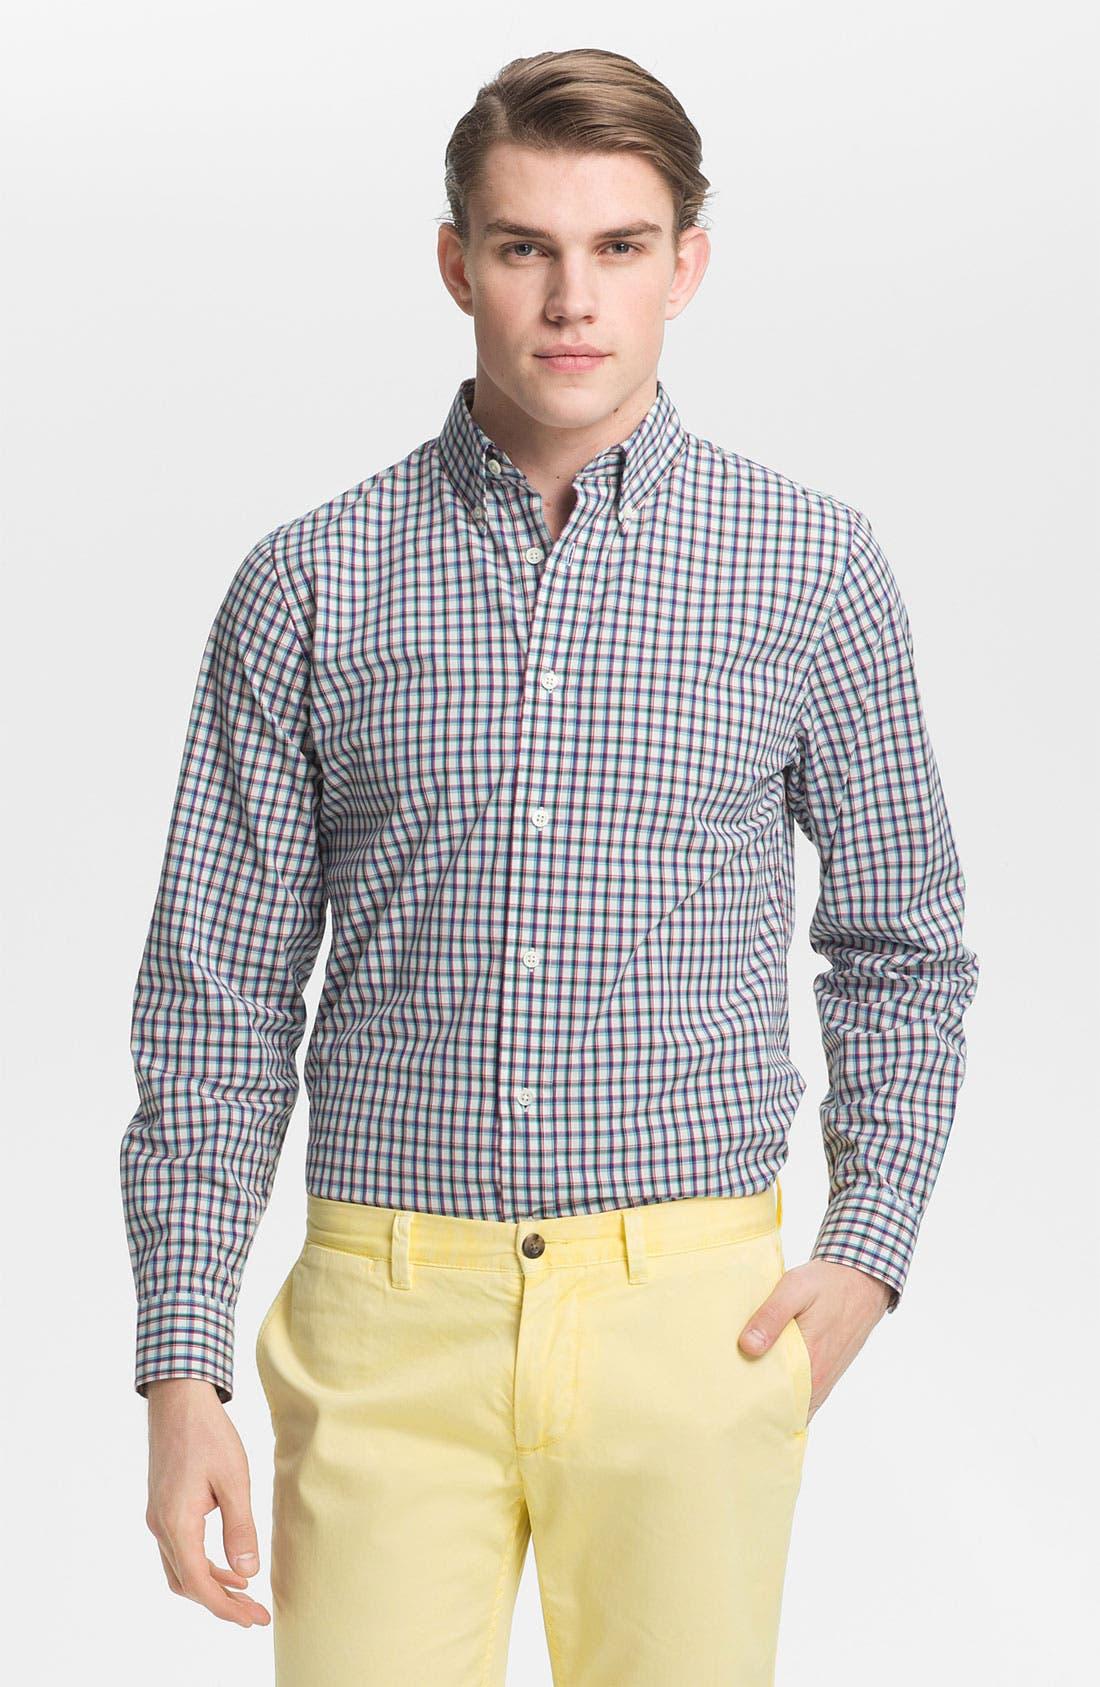 Main Image - Jack Spade 'Barbary' Plaid Woven Shirt